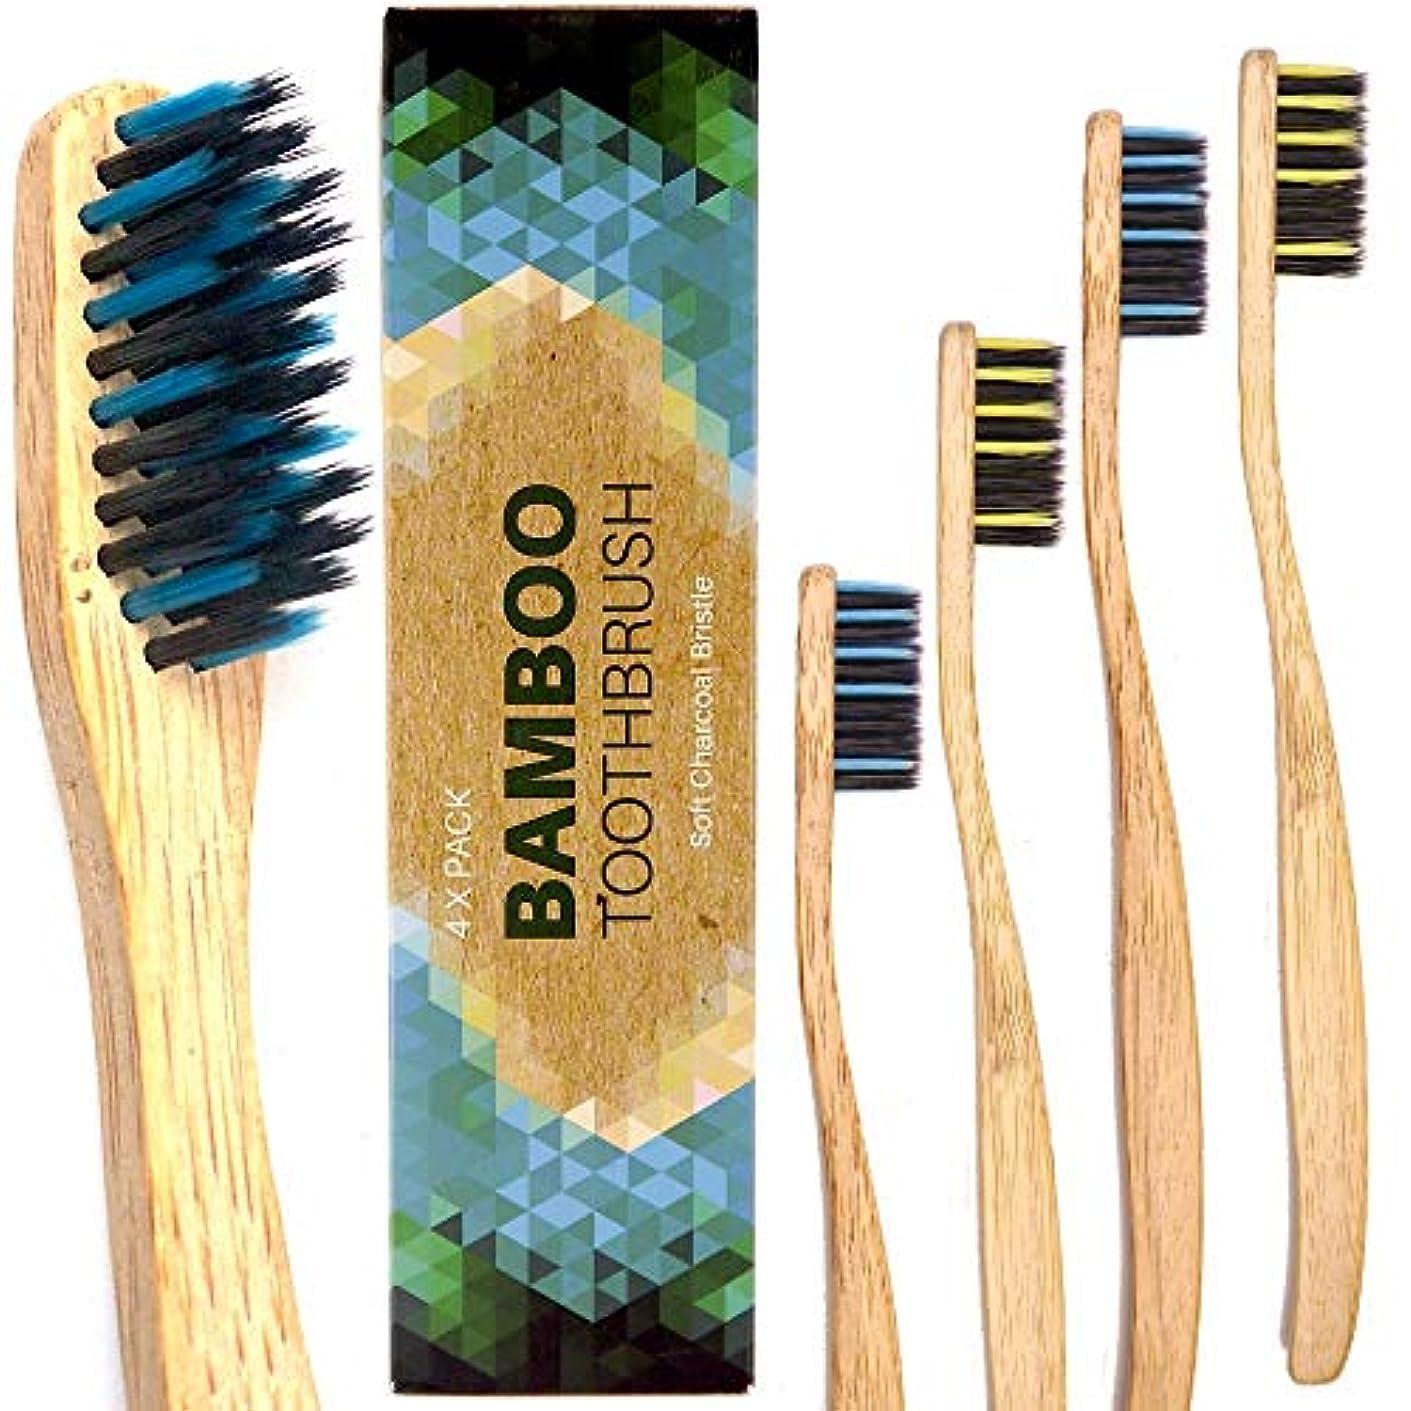 フリルアーク借りている竹製歯ブラシ。チャコールブリストル大人 - ミディアム及びソフト、生分解性、ビーガン、バイオ、エコ、持続可能な木製ハンドル4本パック4 Bamboo Toothbrushes, ホワイトニング 歯, ドイツの品質, 竹歯ブラシ